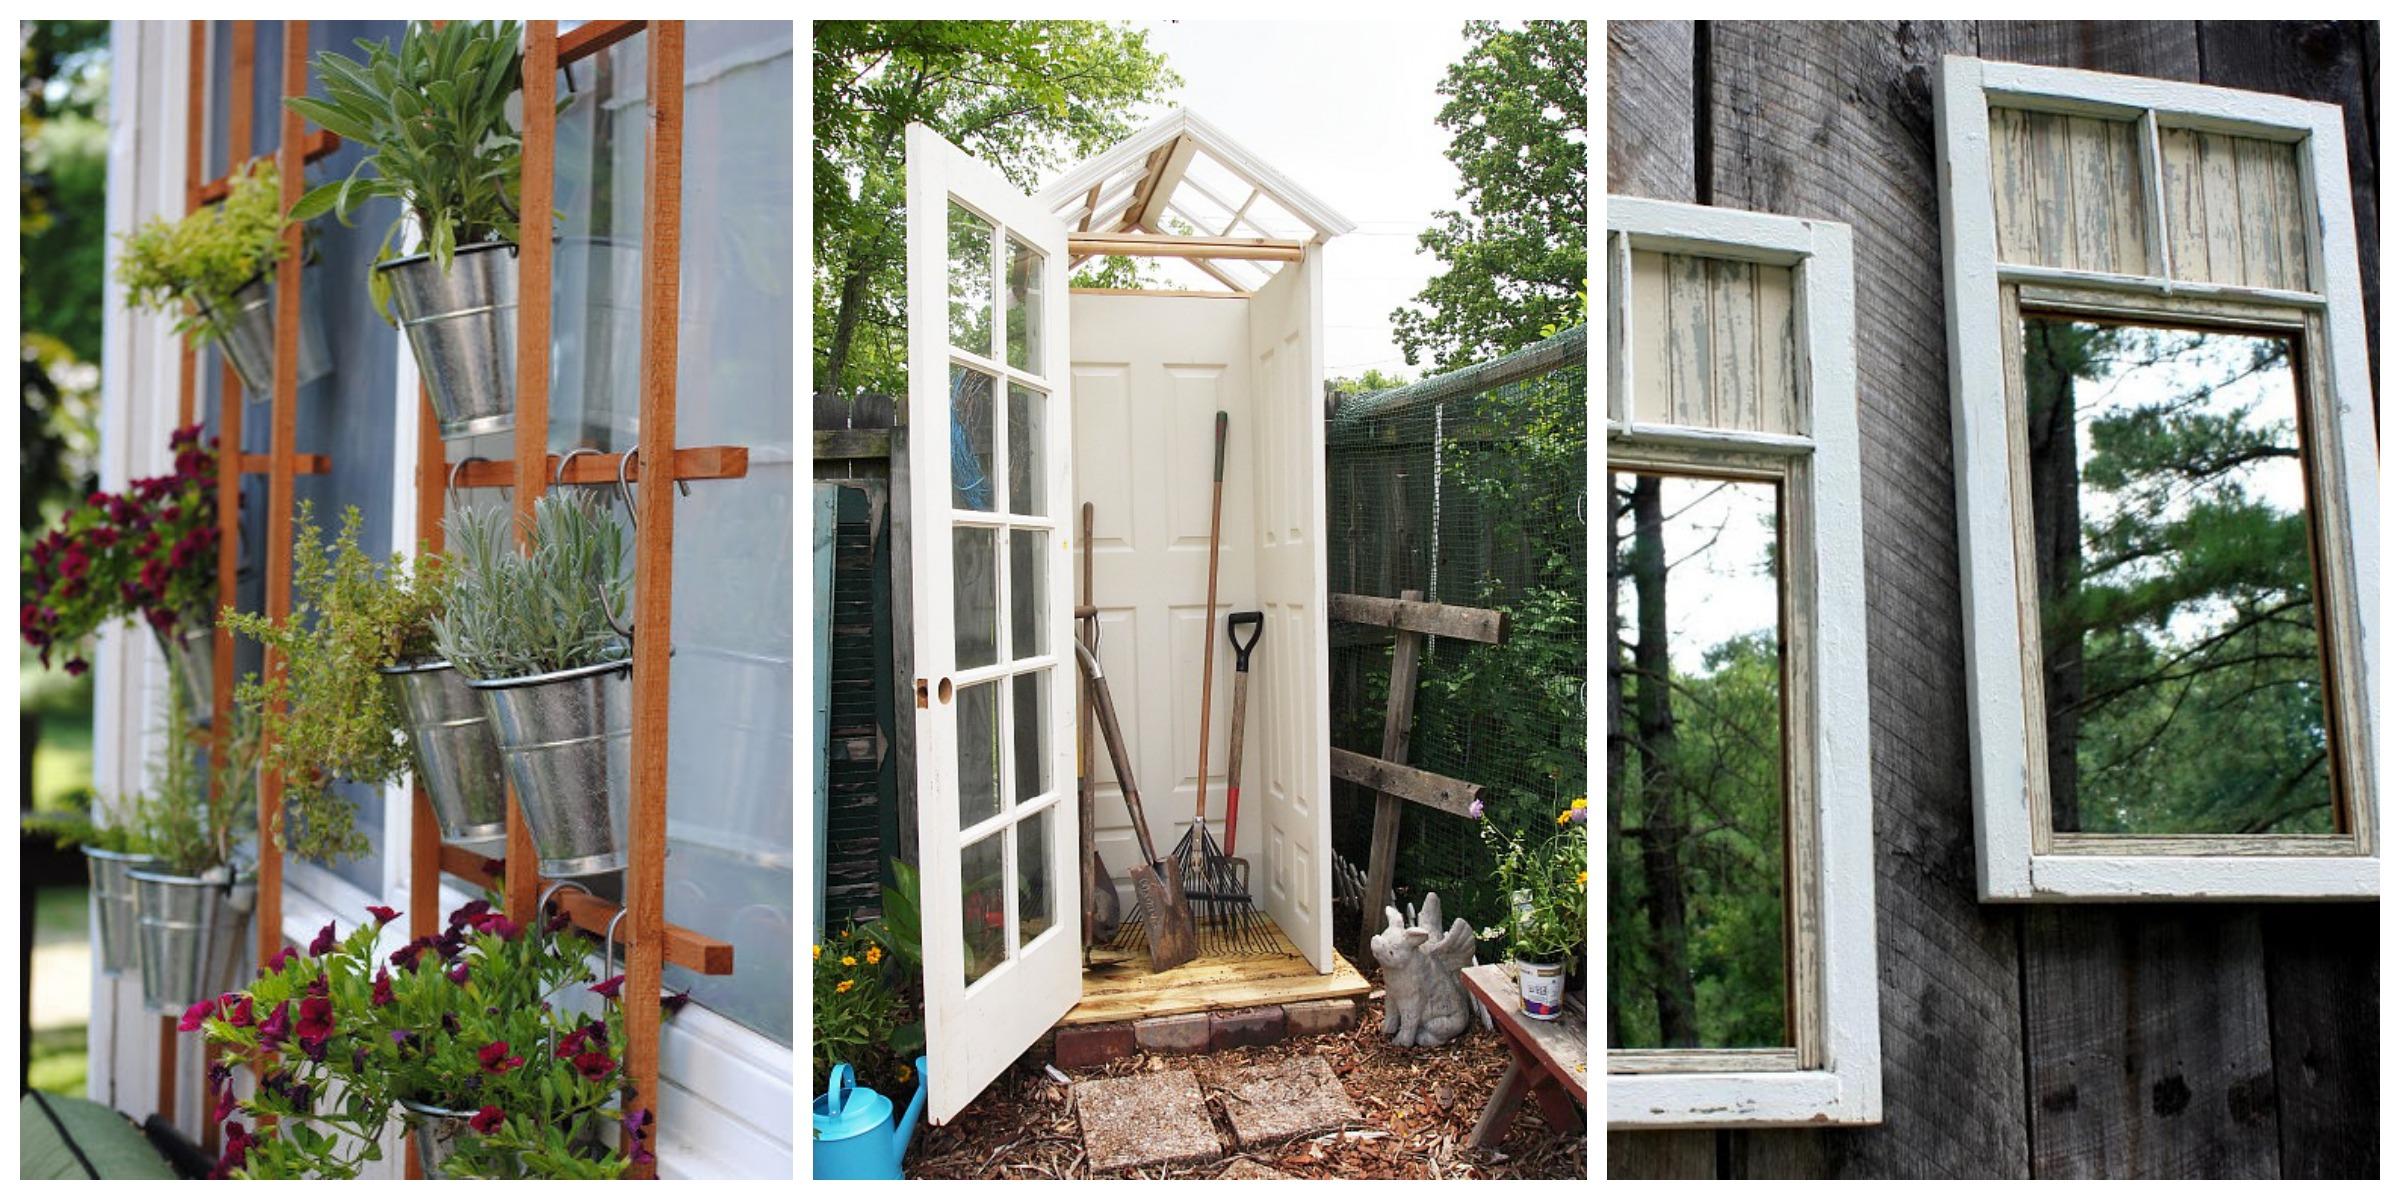 25 Small Backyard Ideas - Beautiful Landscaping Designs ... on Beautiful Backyard Ideas id=91376